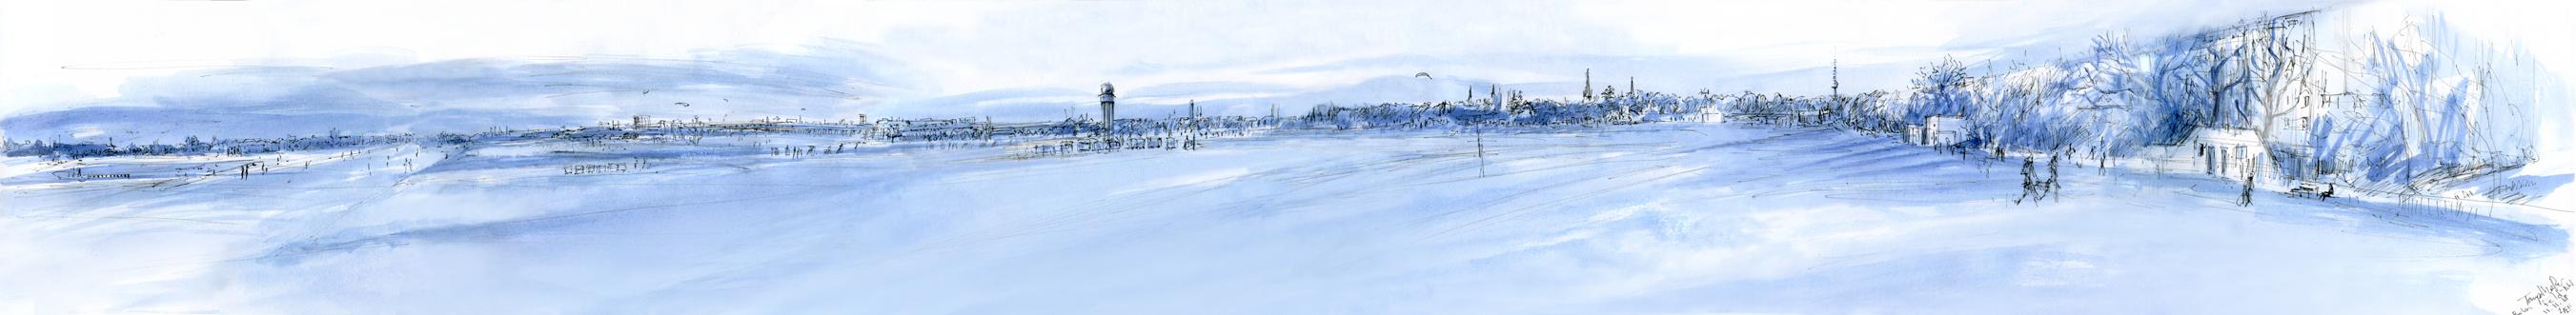 11.11.18- Tempelhofer Feld  180° view (Berlin-Neukölln)